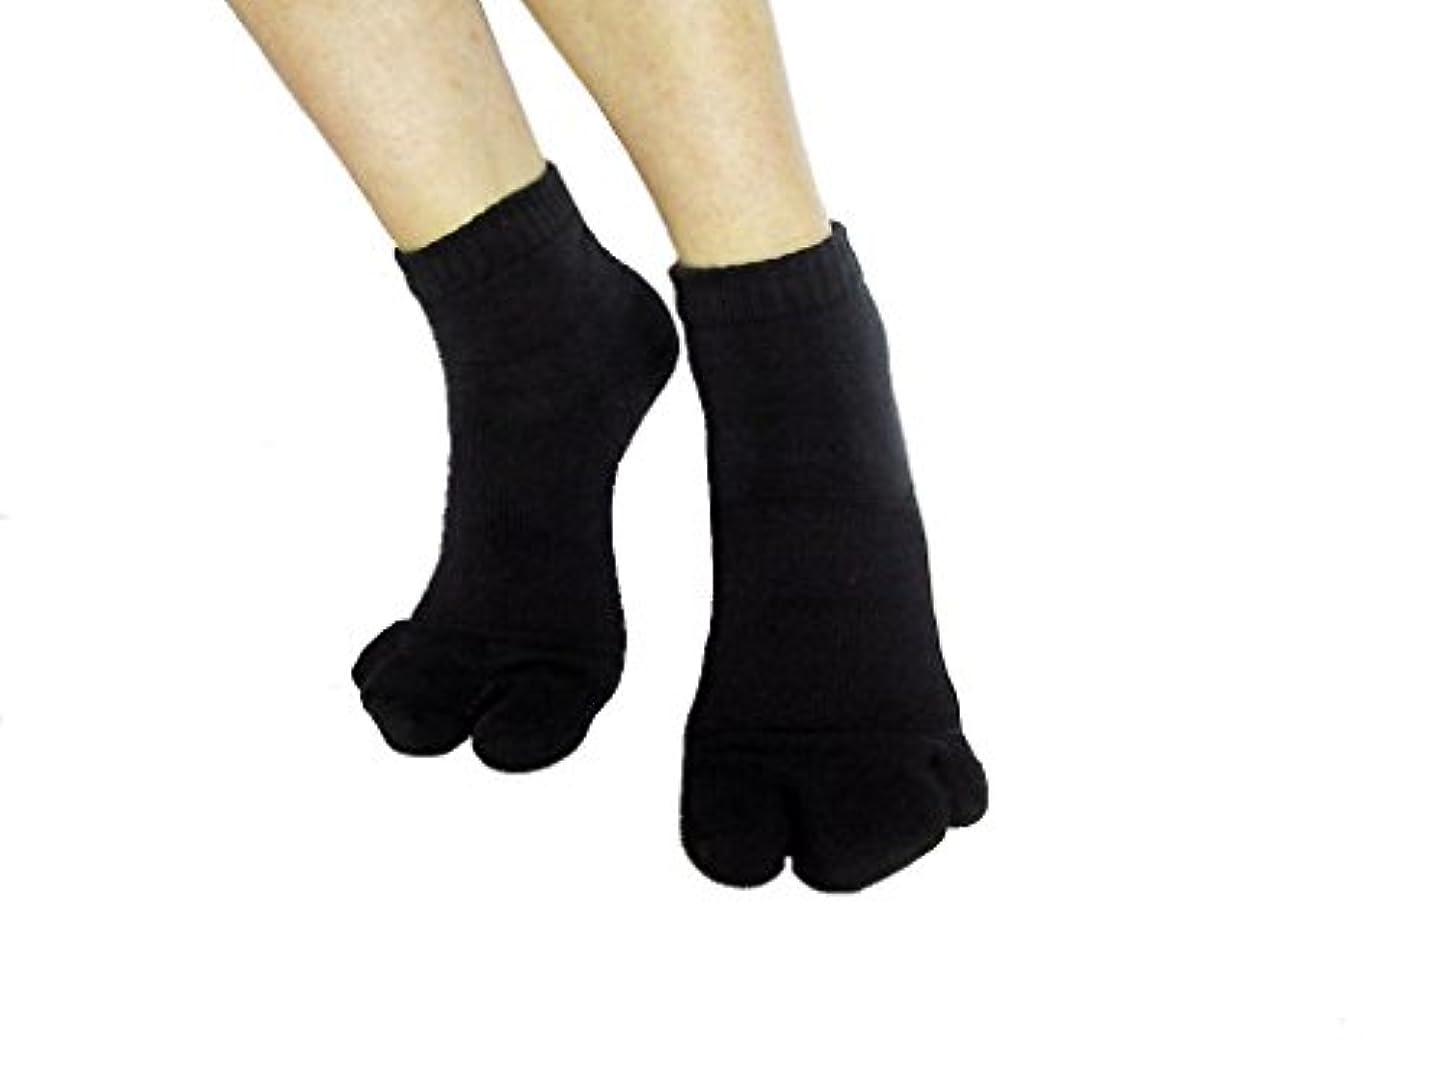 降下同種の挨拶するカサハラ式サポーター ホソックス3本指 テーピング靴下 ブラック M23.5-23.5cm